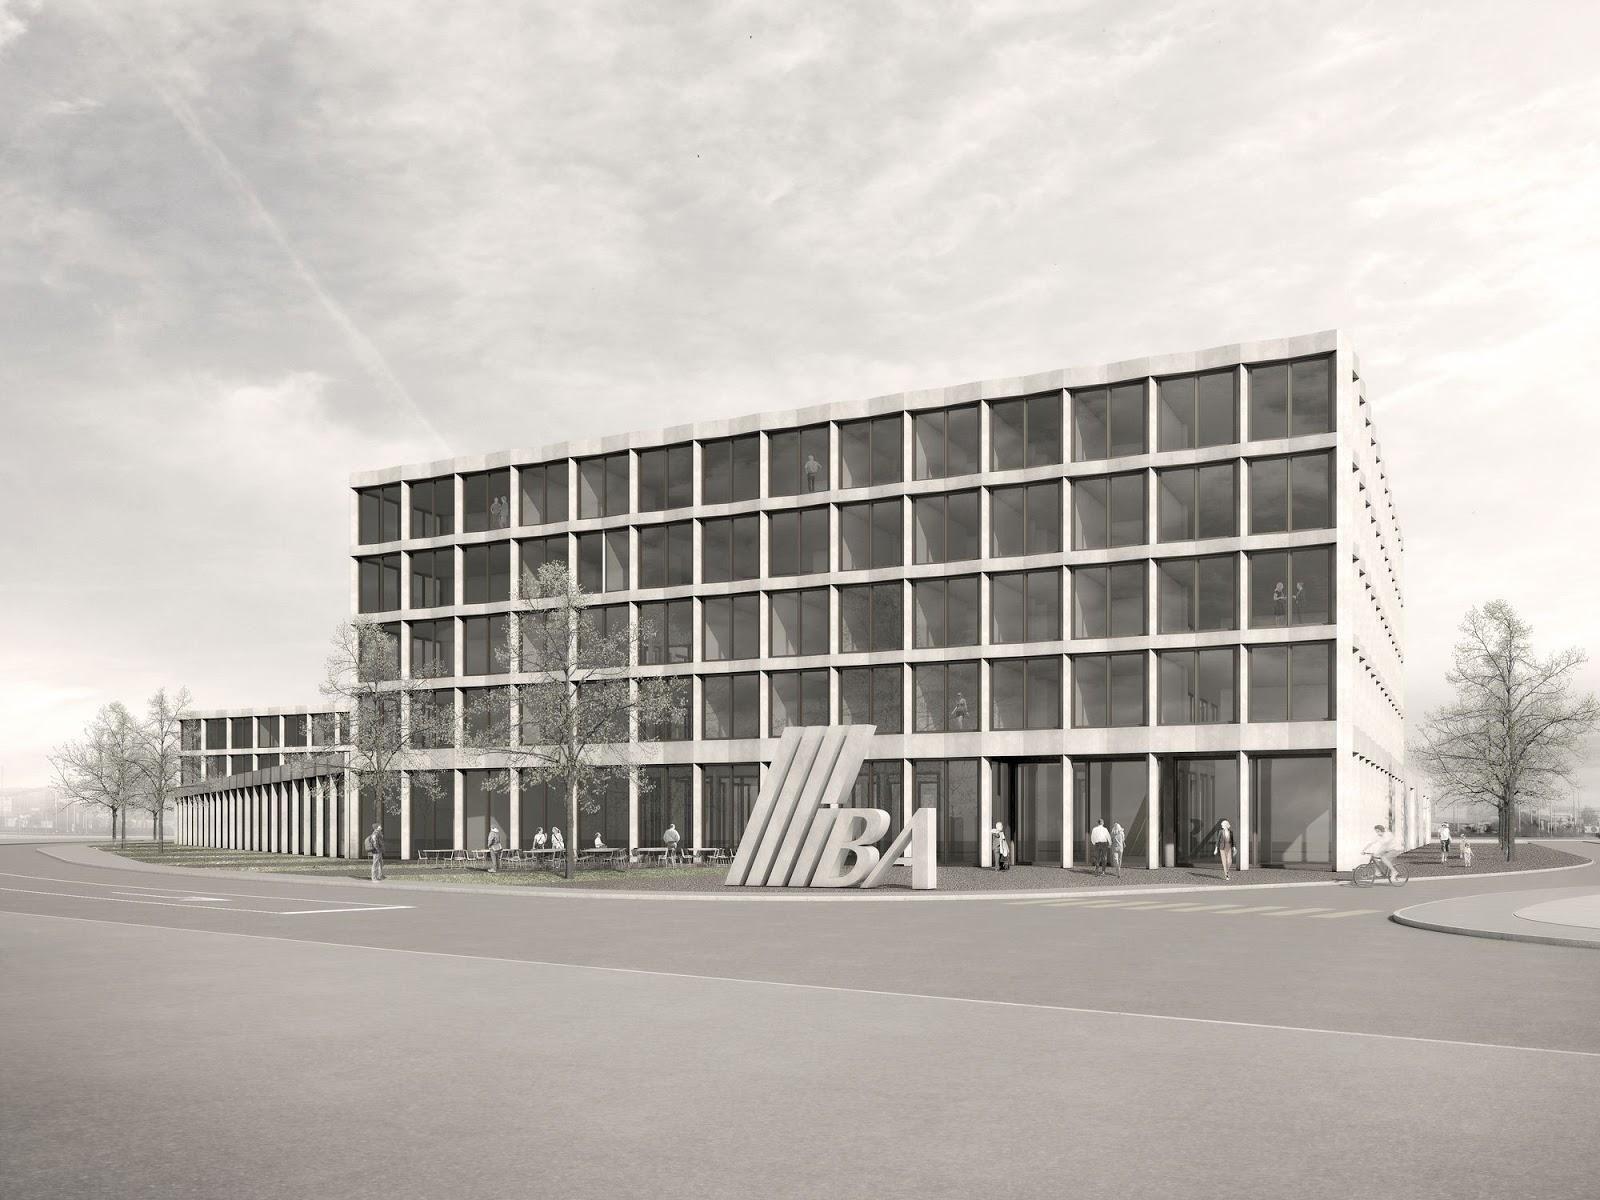 Arealüberbauung IBAarau AG, Neubau Werkhof und Büronutzungen, Buchs, Gautschi Lenzin Schenker Architekten